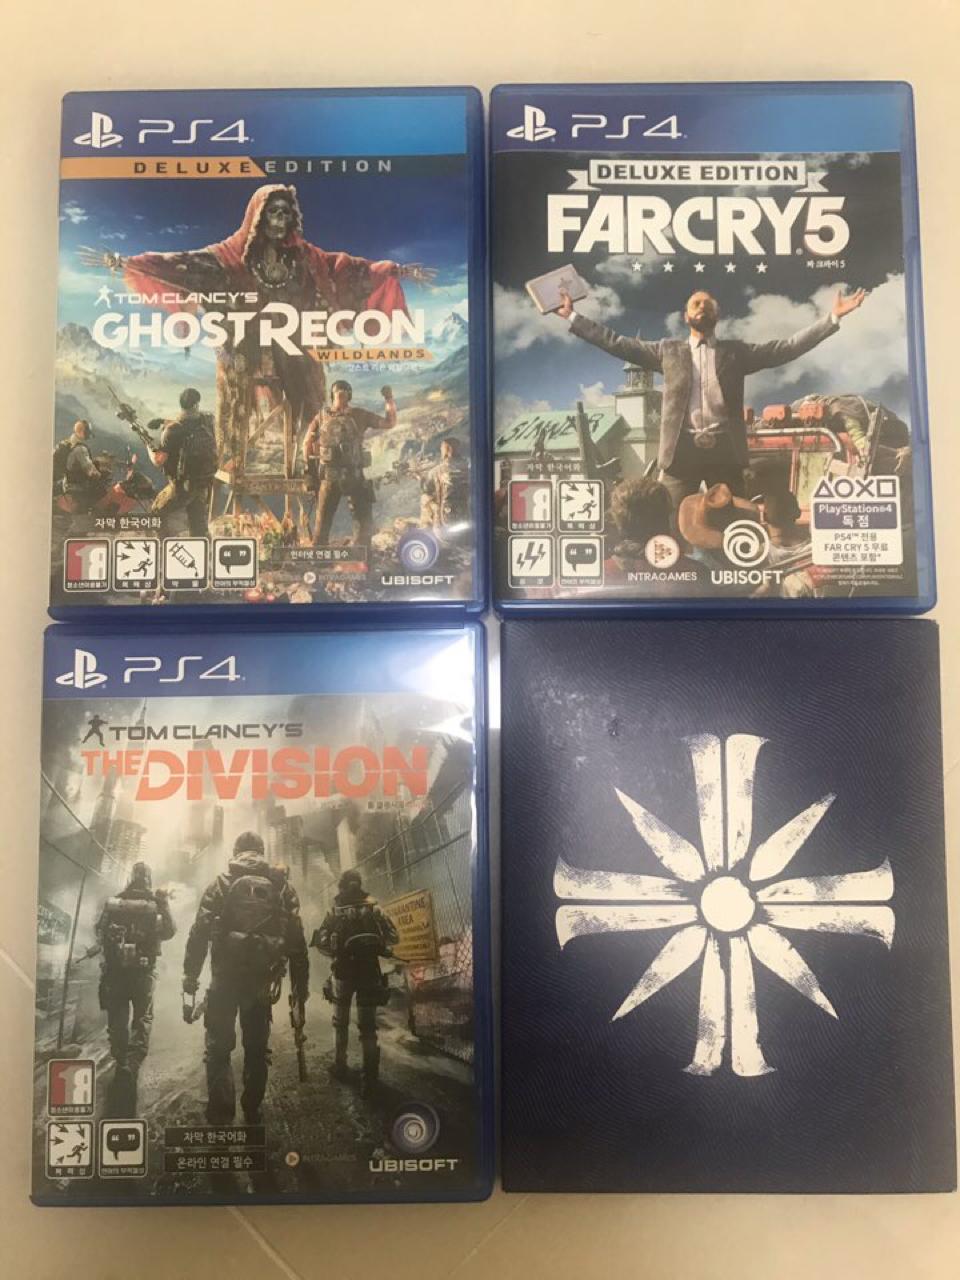 PS4 파크라이5(디럭스에디션), 고스트리콘 와일드랜드(디럭스에디션), 더 디비전 싸게 팝니다~